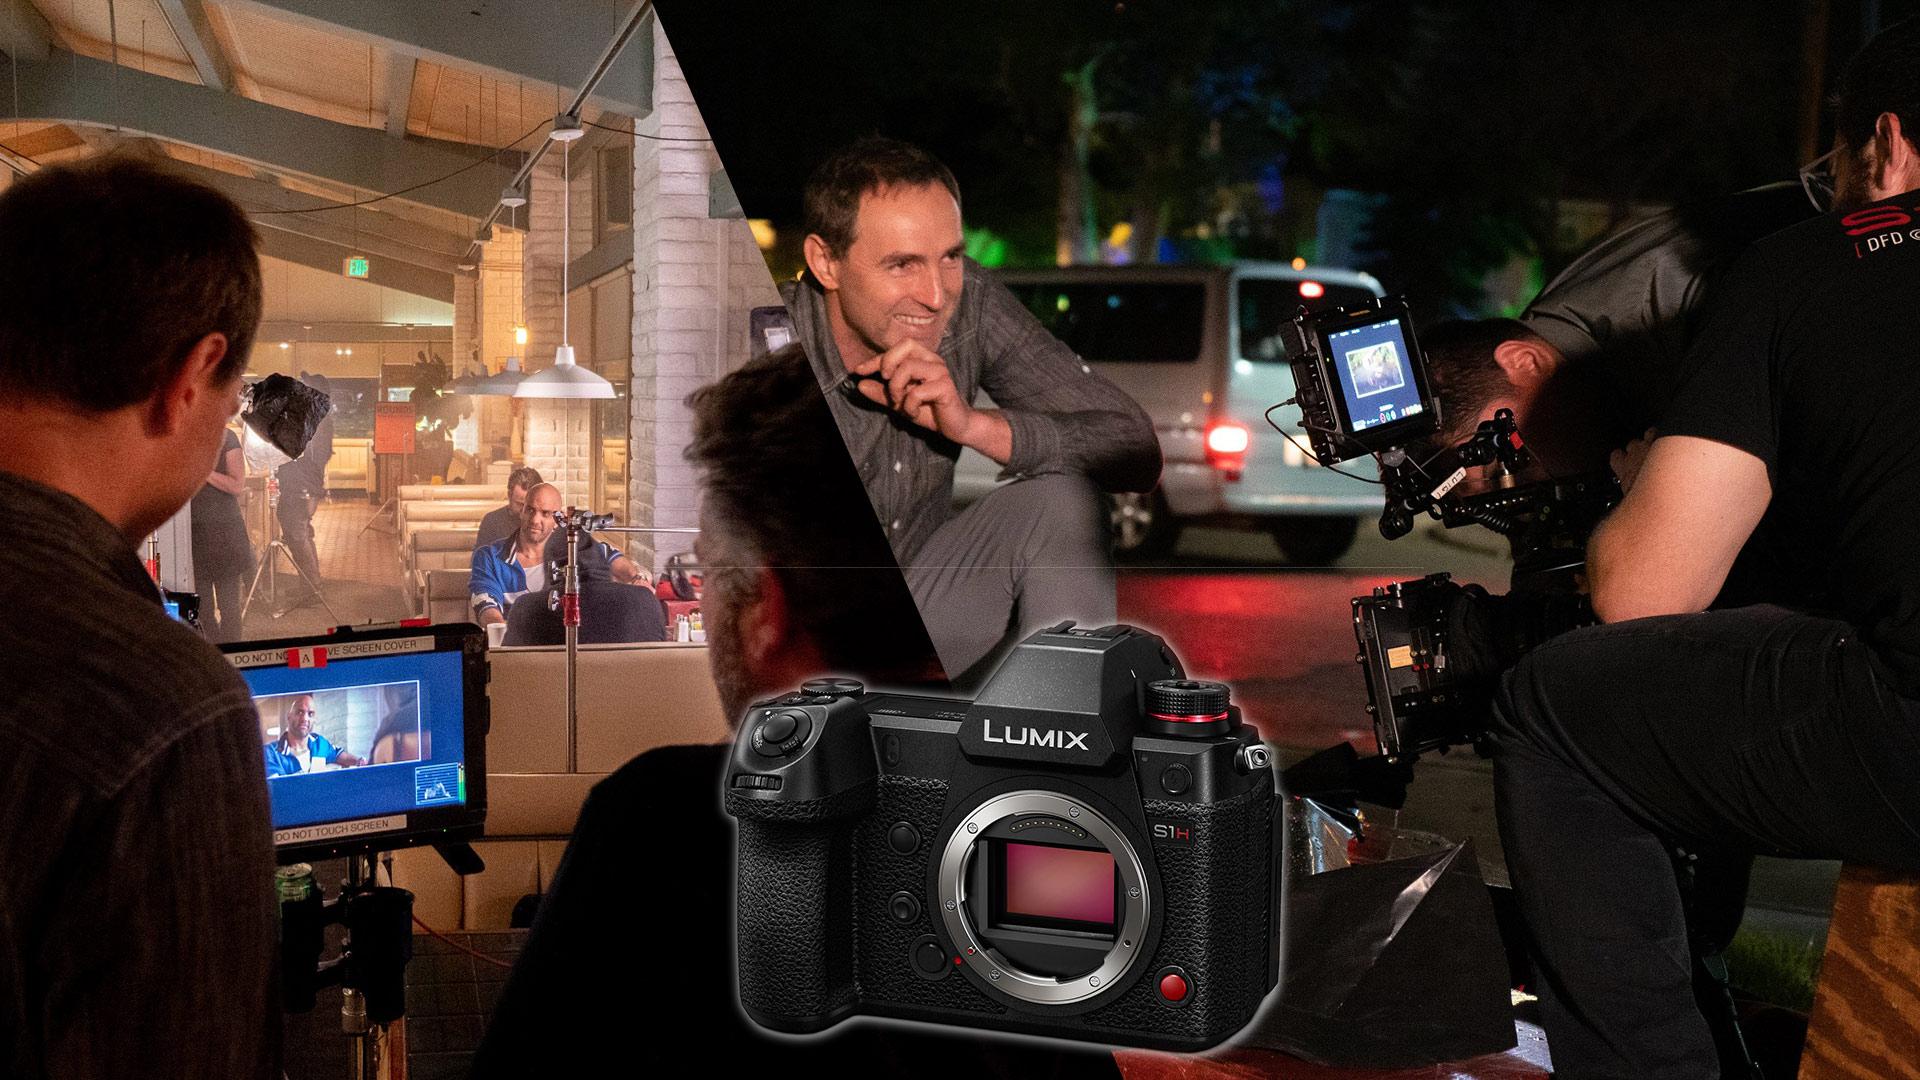 """Entrevista con Kacper Skowron, director de fotografía del Cortometraje """"The Sit Down"""" filmado con la LUMIX S1H"""